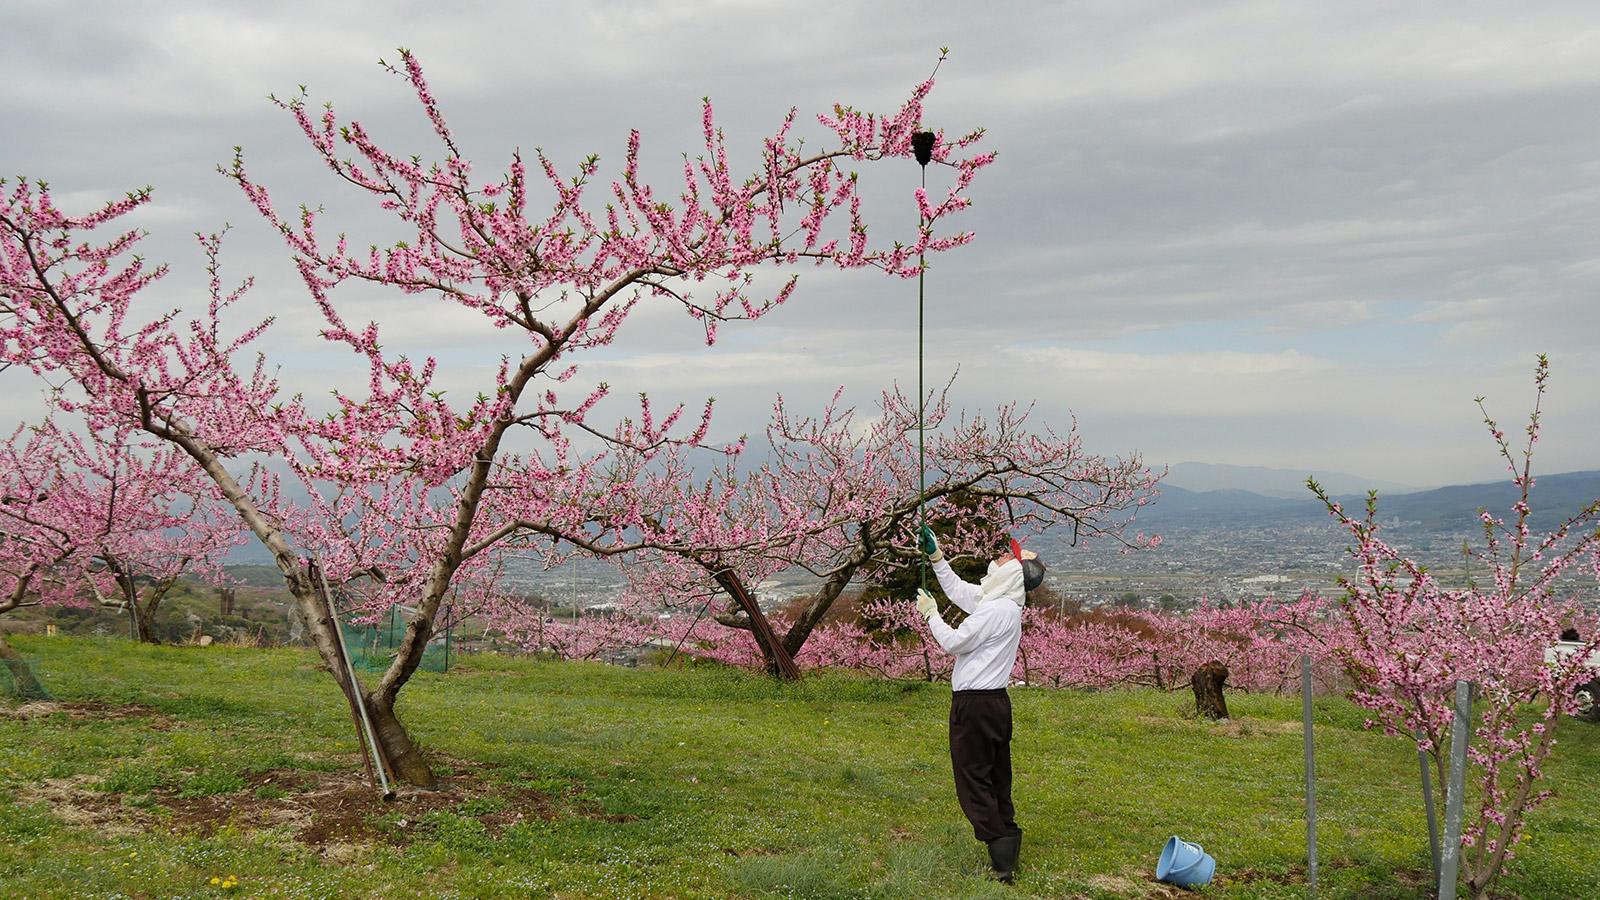 この時期、毎年桃畑をお花見用に開放してくれています。杉岡さん